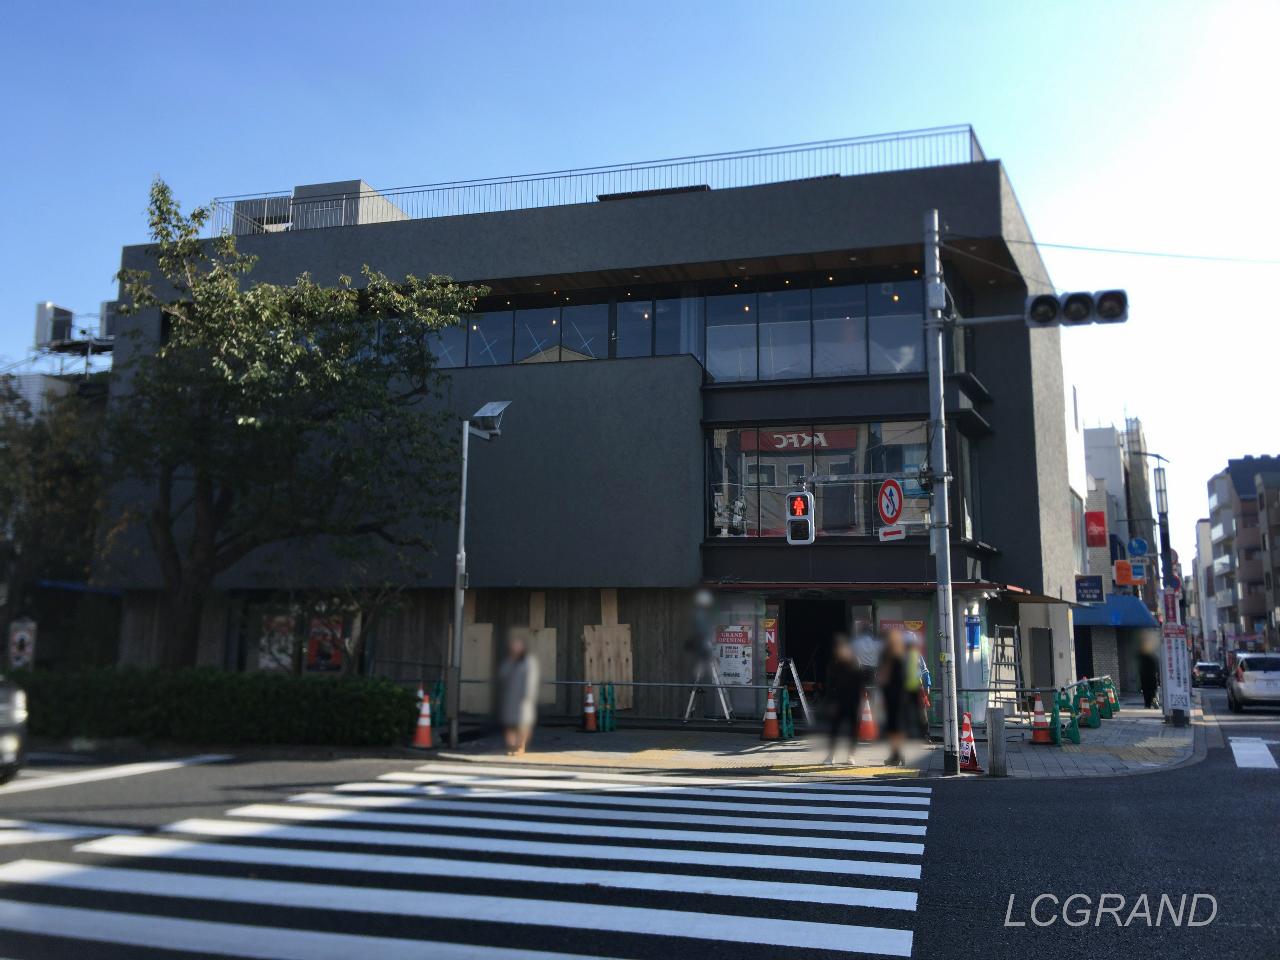 3階建てのテナントビルで1階にカルディコーヒーファーム桜新町店が入るビル